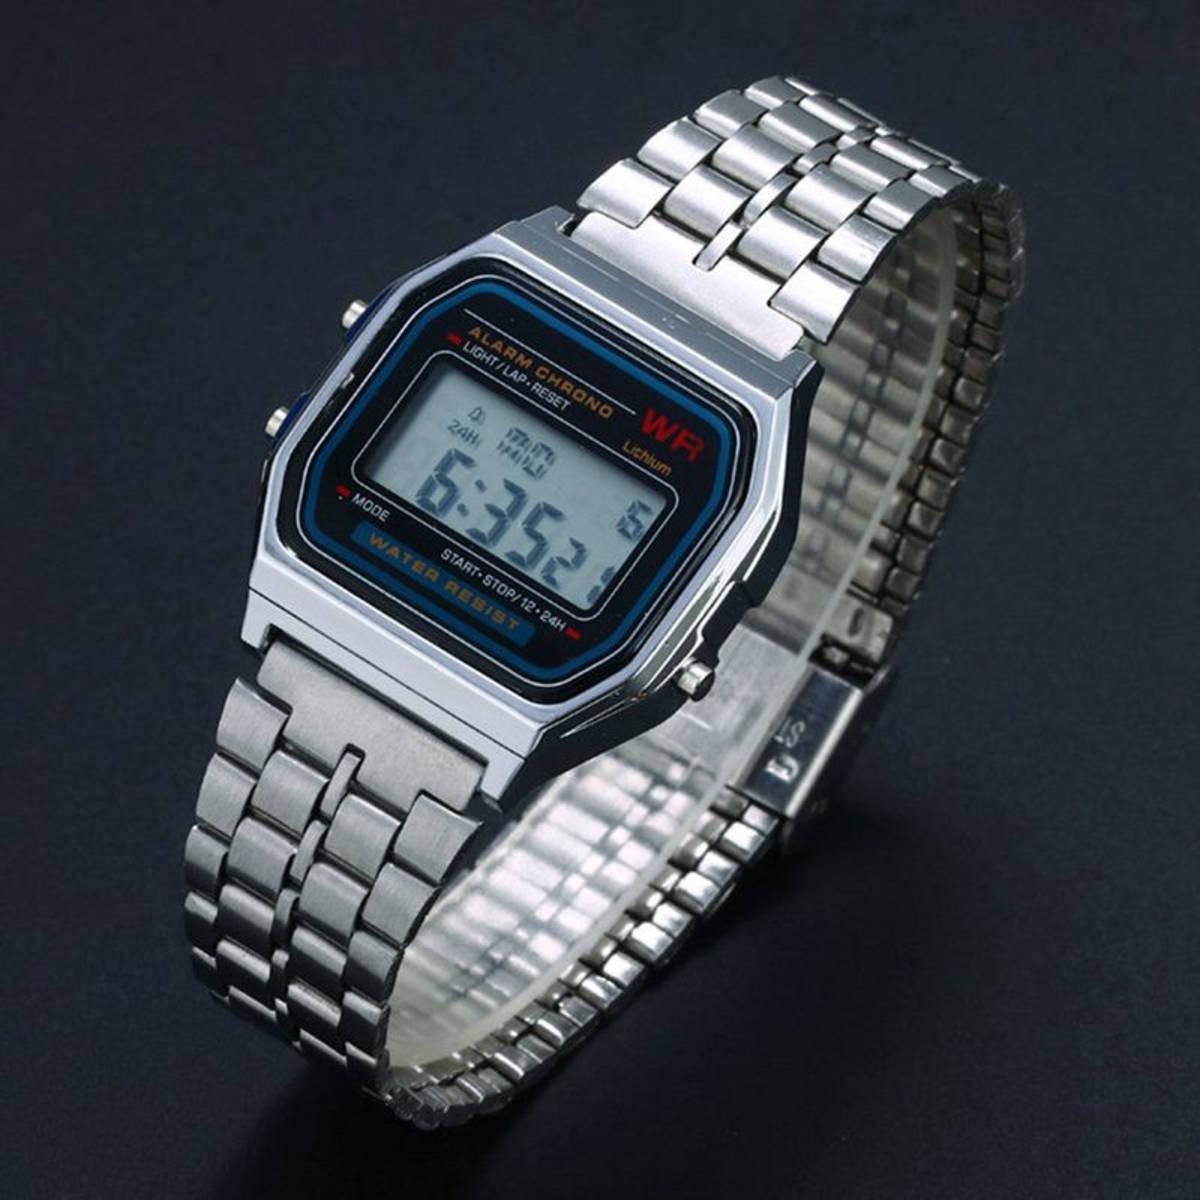 ce6824073f6 relógio casio vintage modelo retro pulseira de aço 3 cores. Carregando zoom.